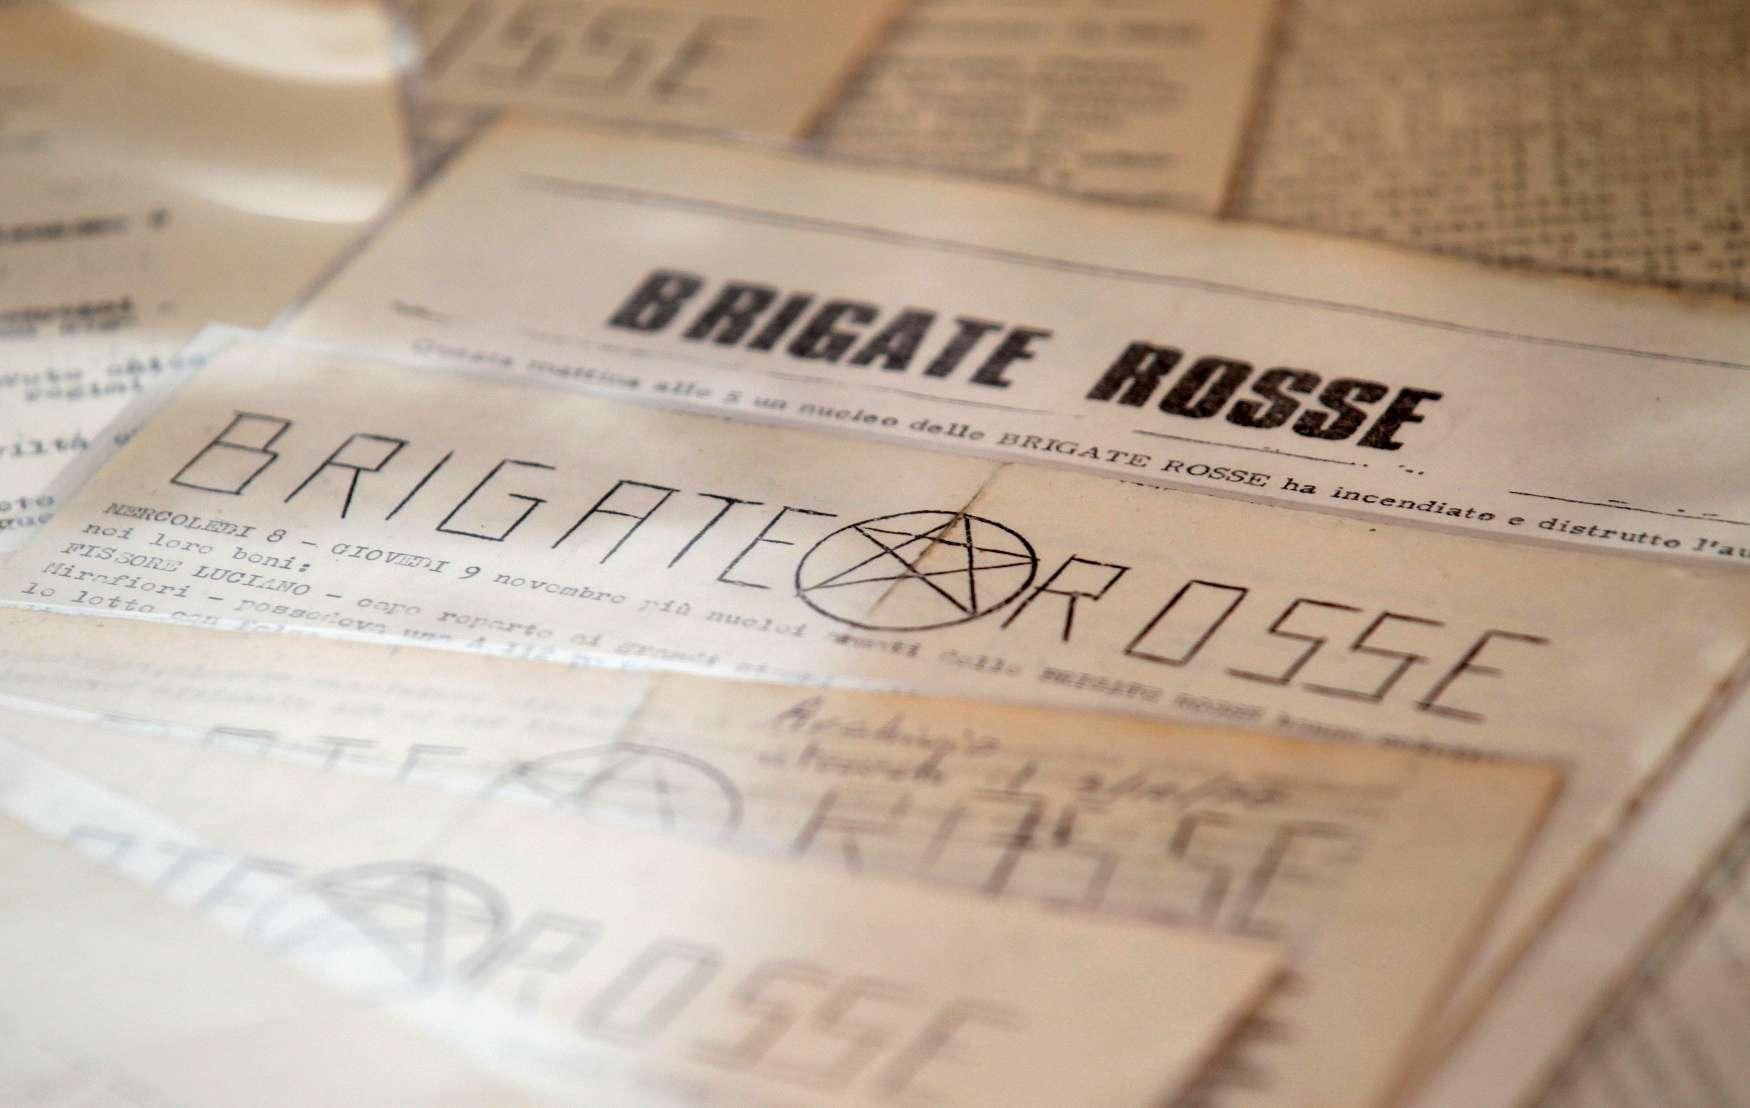 Brigate Rosse2